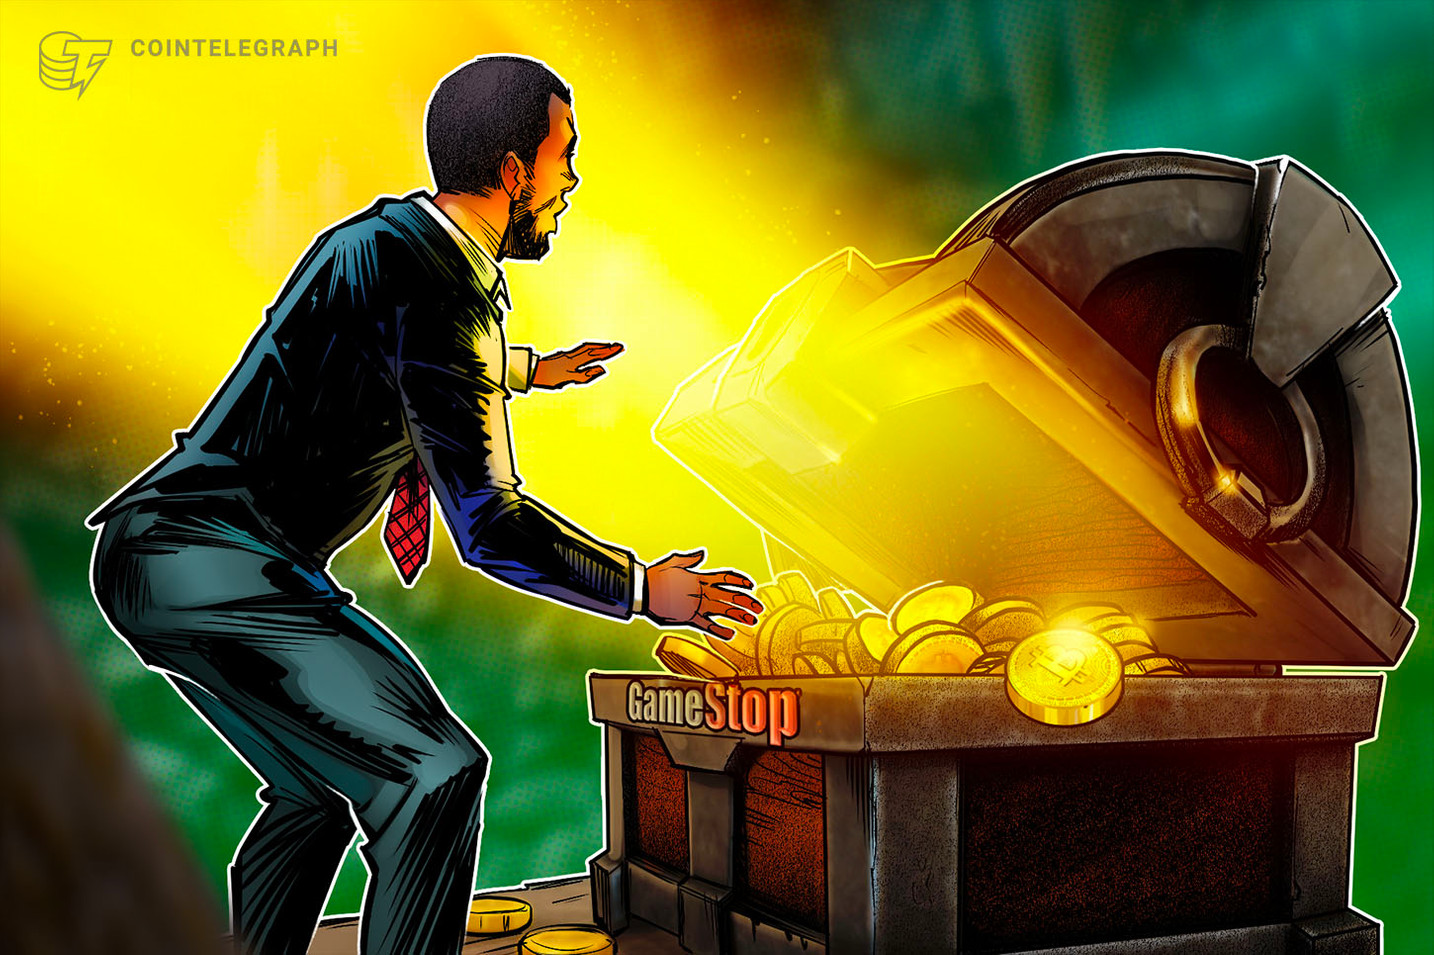 La saga de GameStop revela que las finanzas tradicionales están amañadas, y que DeFi es la respuesta